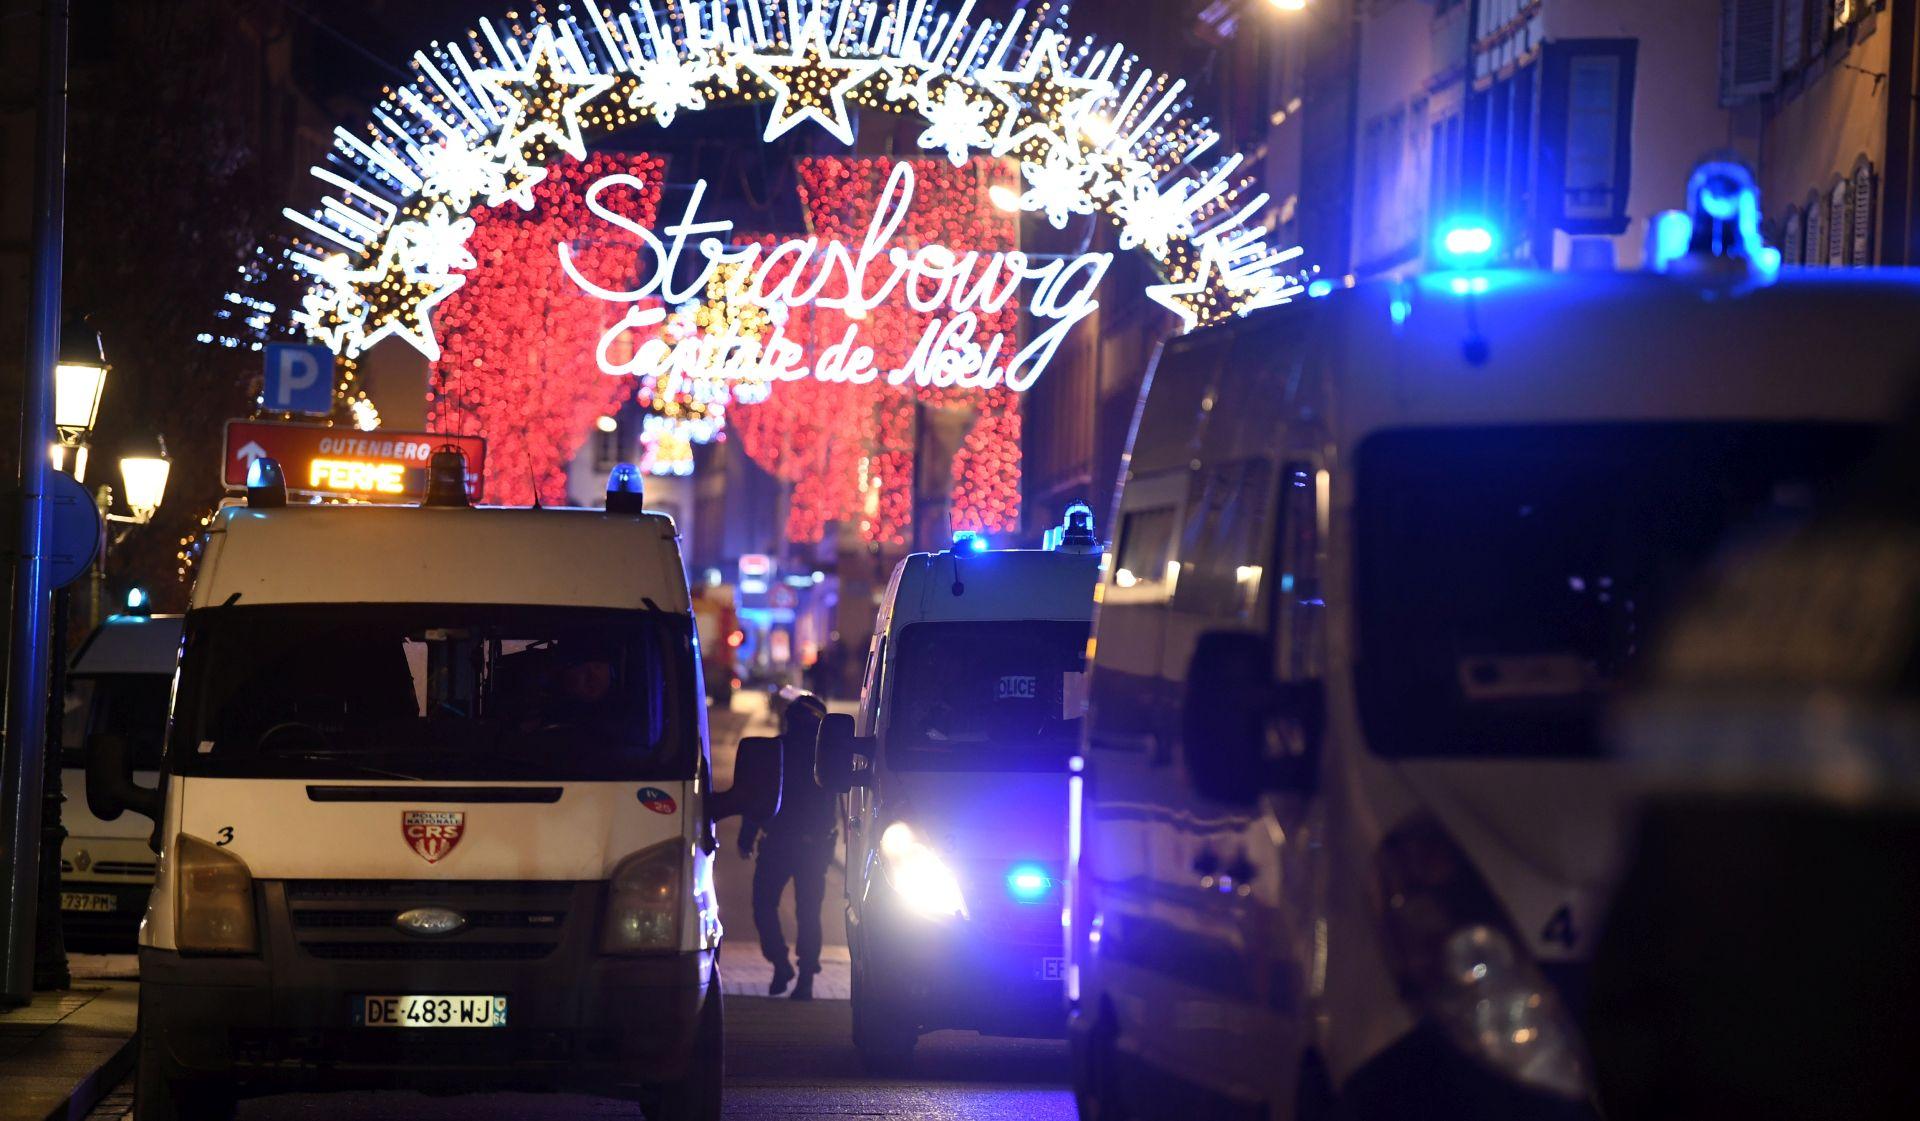 Pustoš i muk na Božićnom sajmu nakon pucnjave u Strasbourgu